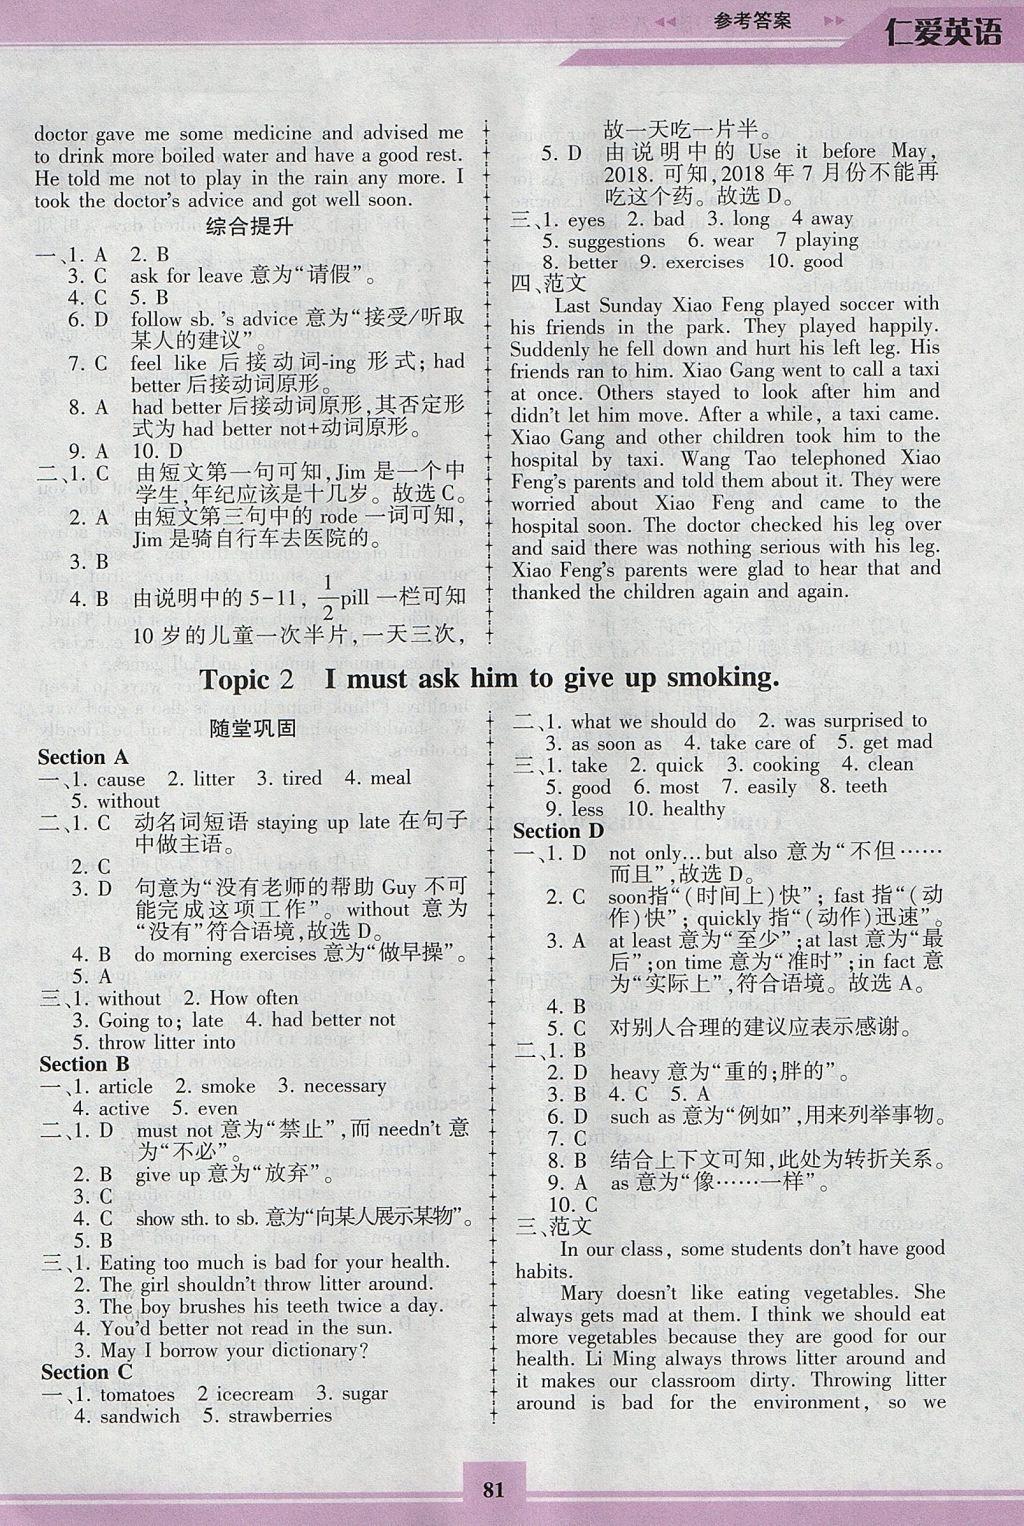 2017年仁爱英语同步练习册八年级上册仁爱版重庆专版参考答案第6页